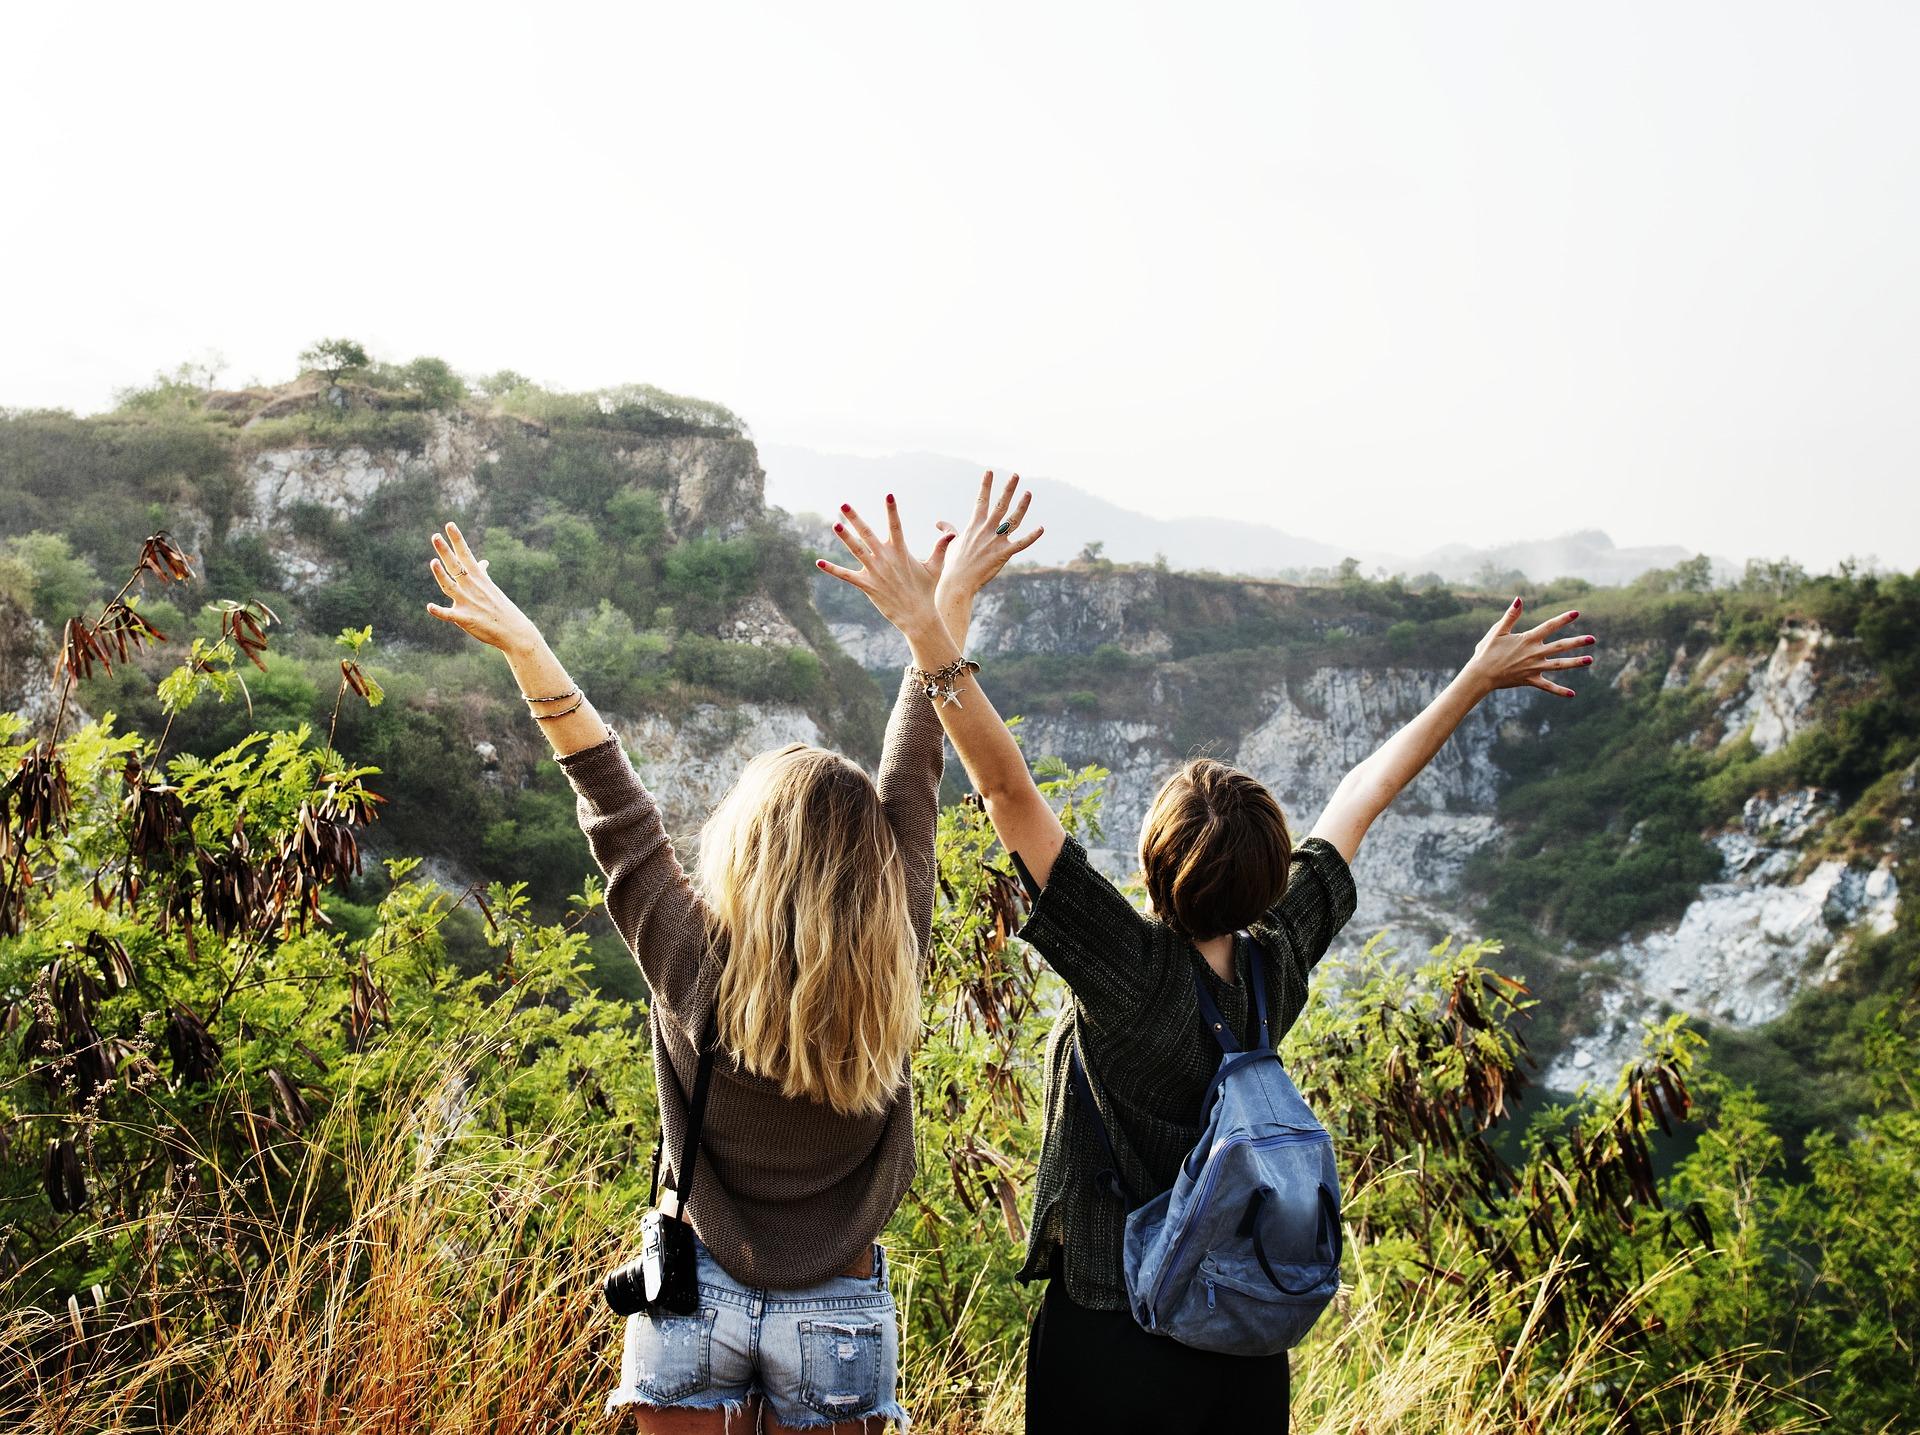 Två tjejer i naturen med armarna uppsträckta